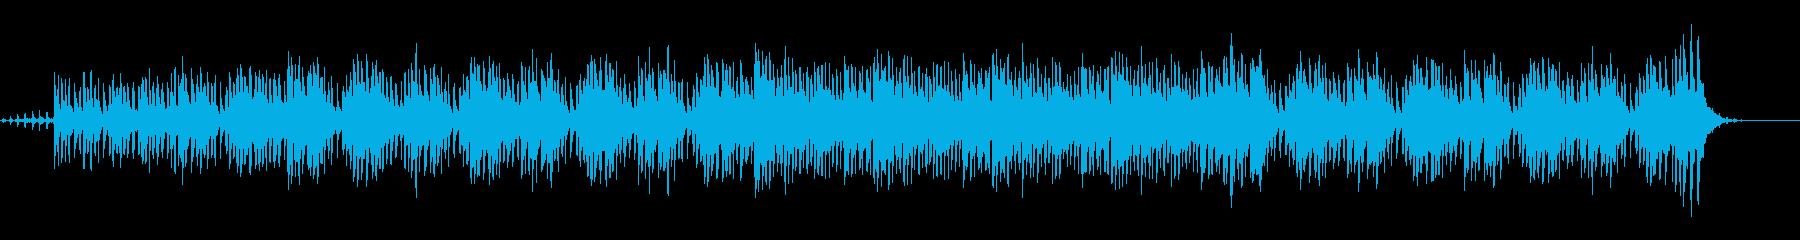 ファンタジーの世界で流れる木琴BGMの再生済みの波形